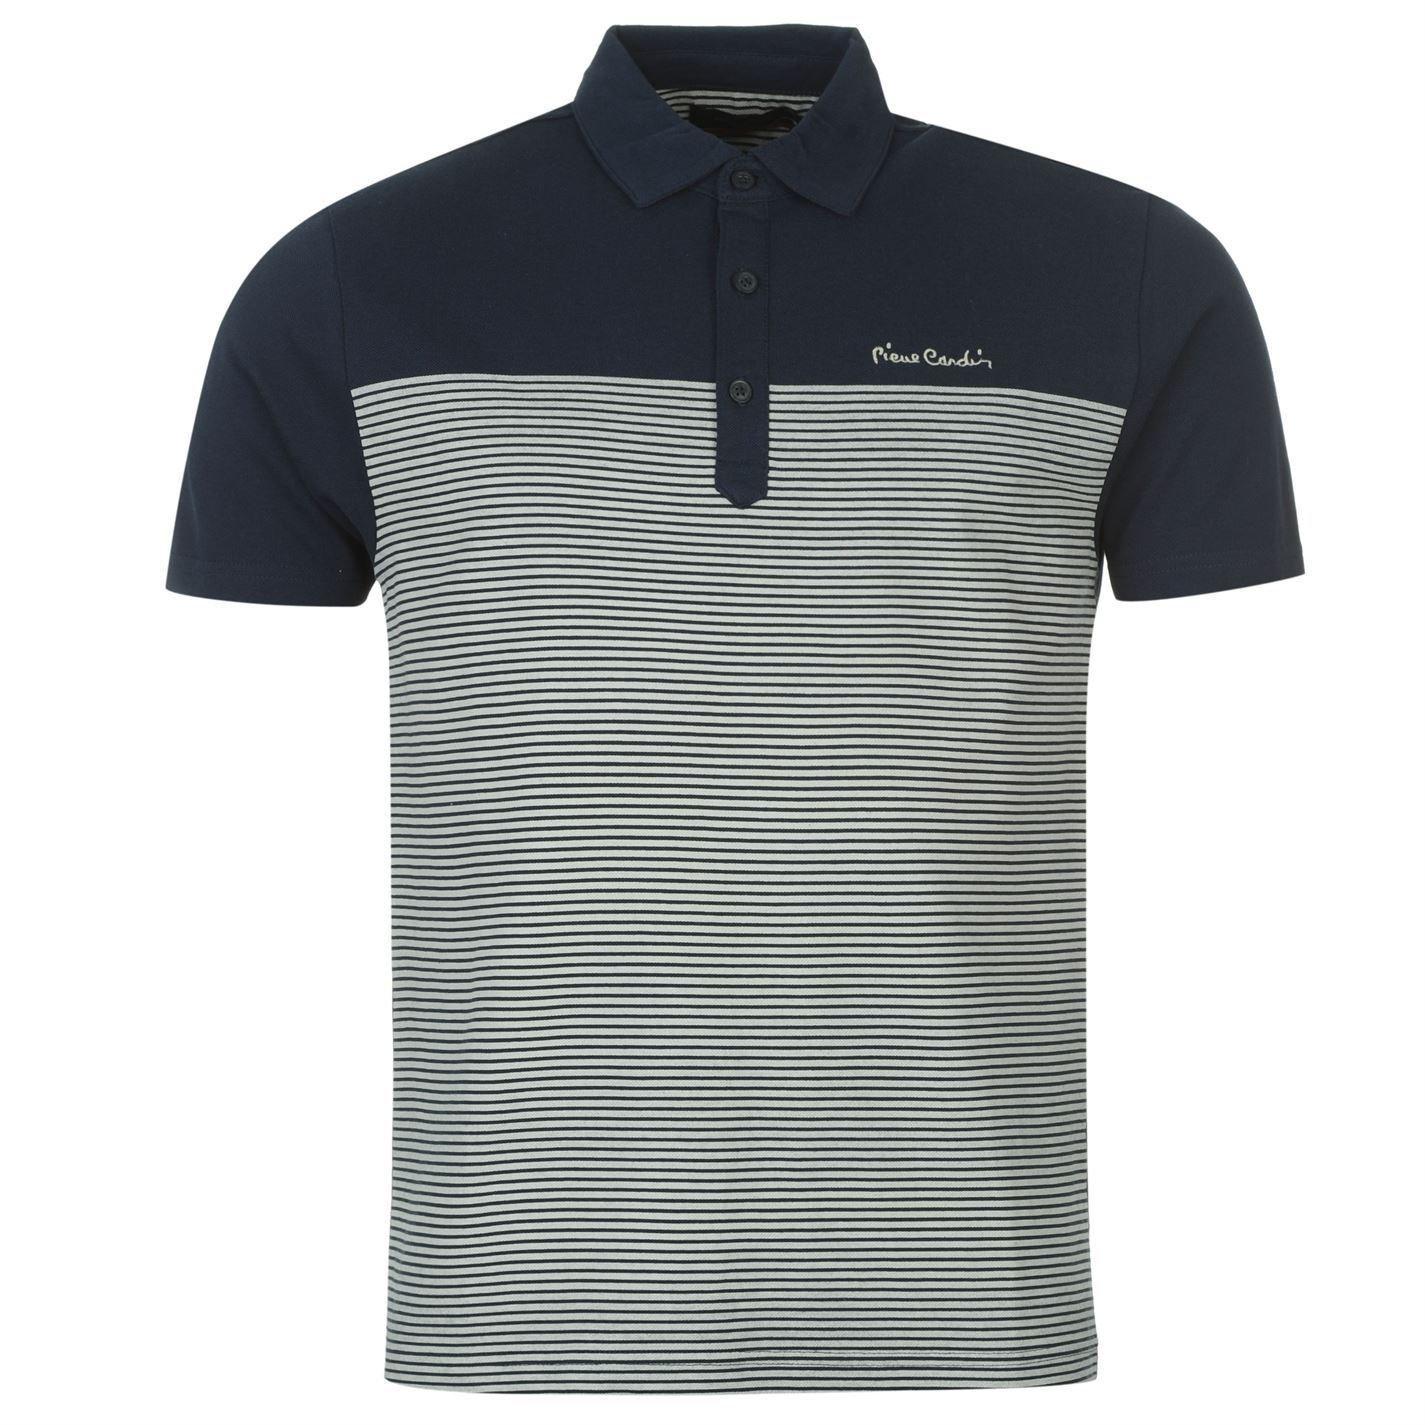 Pierre Cardin Polo de rayas camiseta para hombre azul marino/plata ...